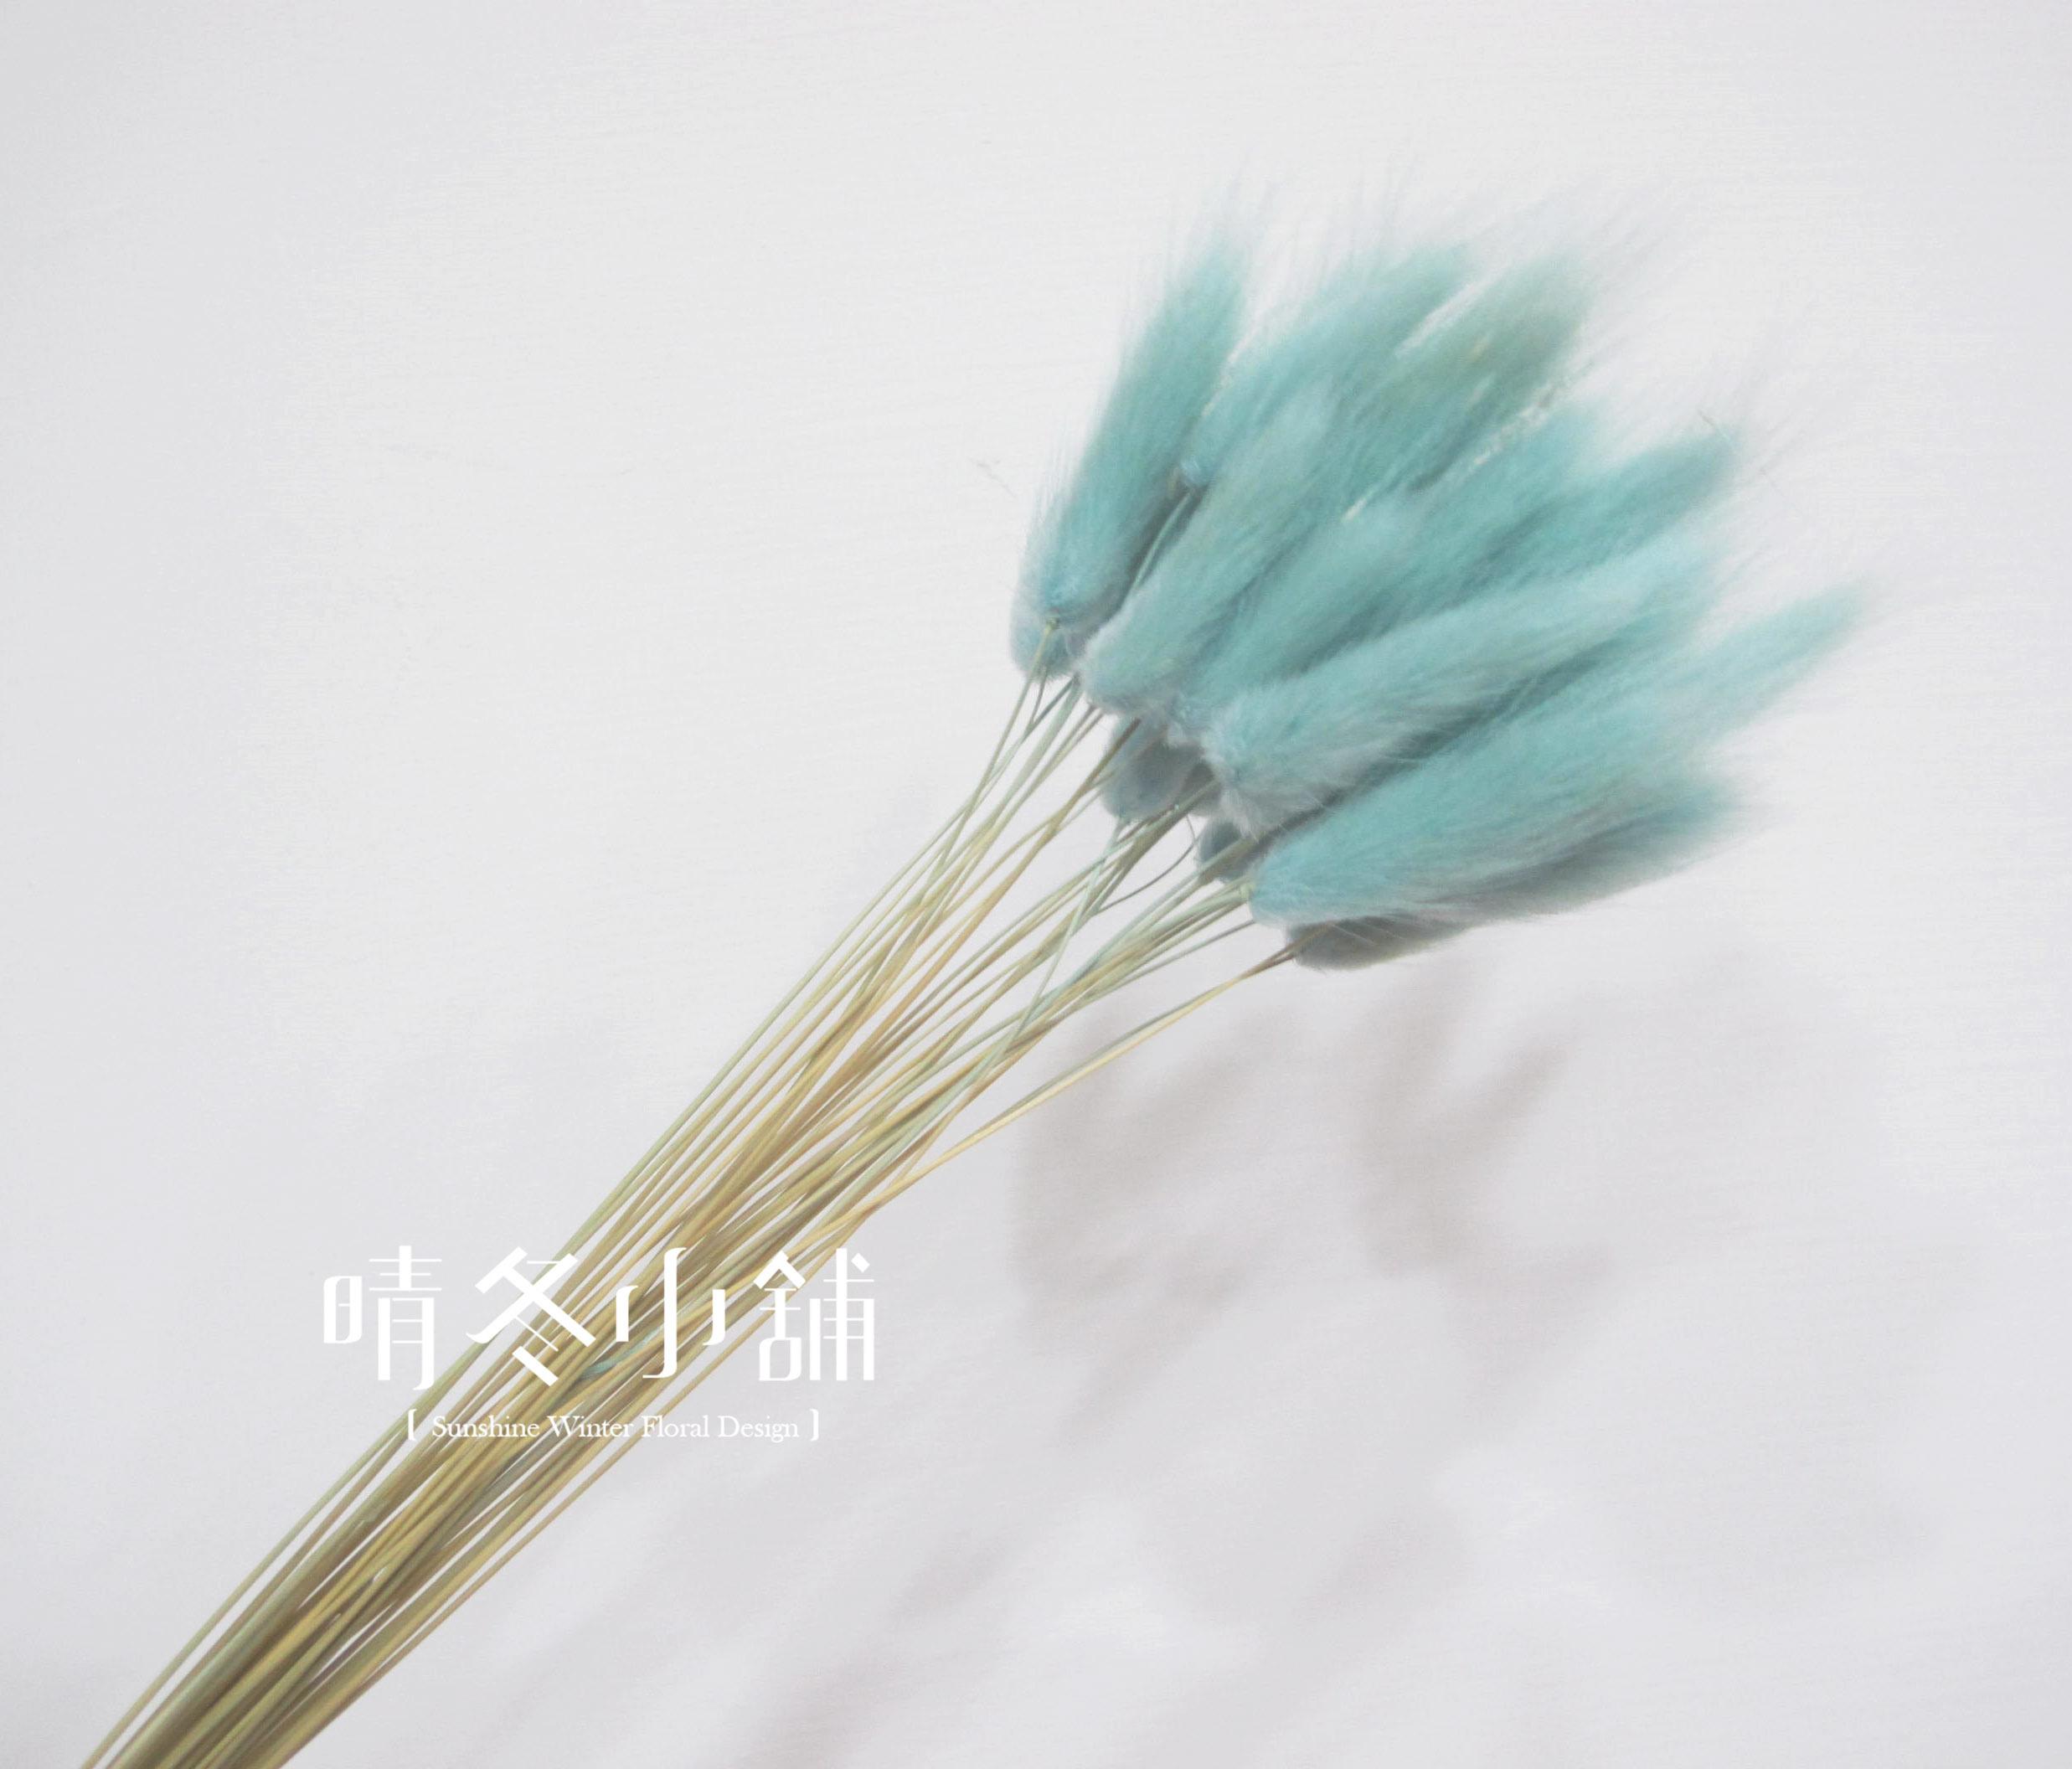 [晴冬小舖] 淡藍色兔尾草-進口乾燥花材(乾燥花束 不凋花 乾燥花圈)3D1513